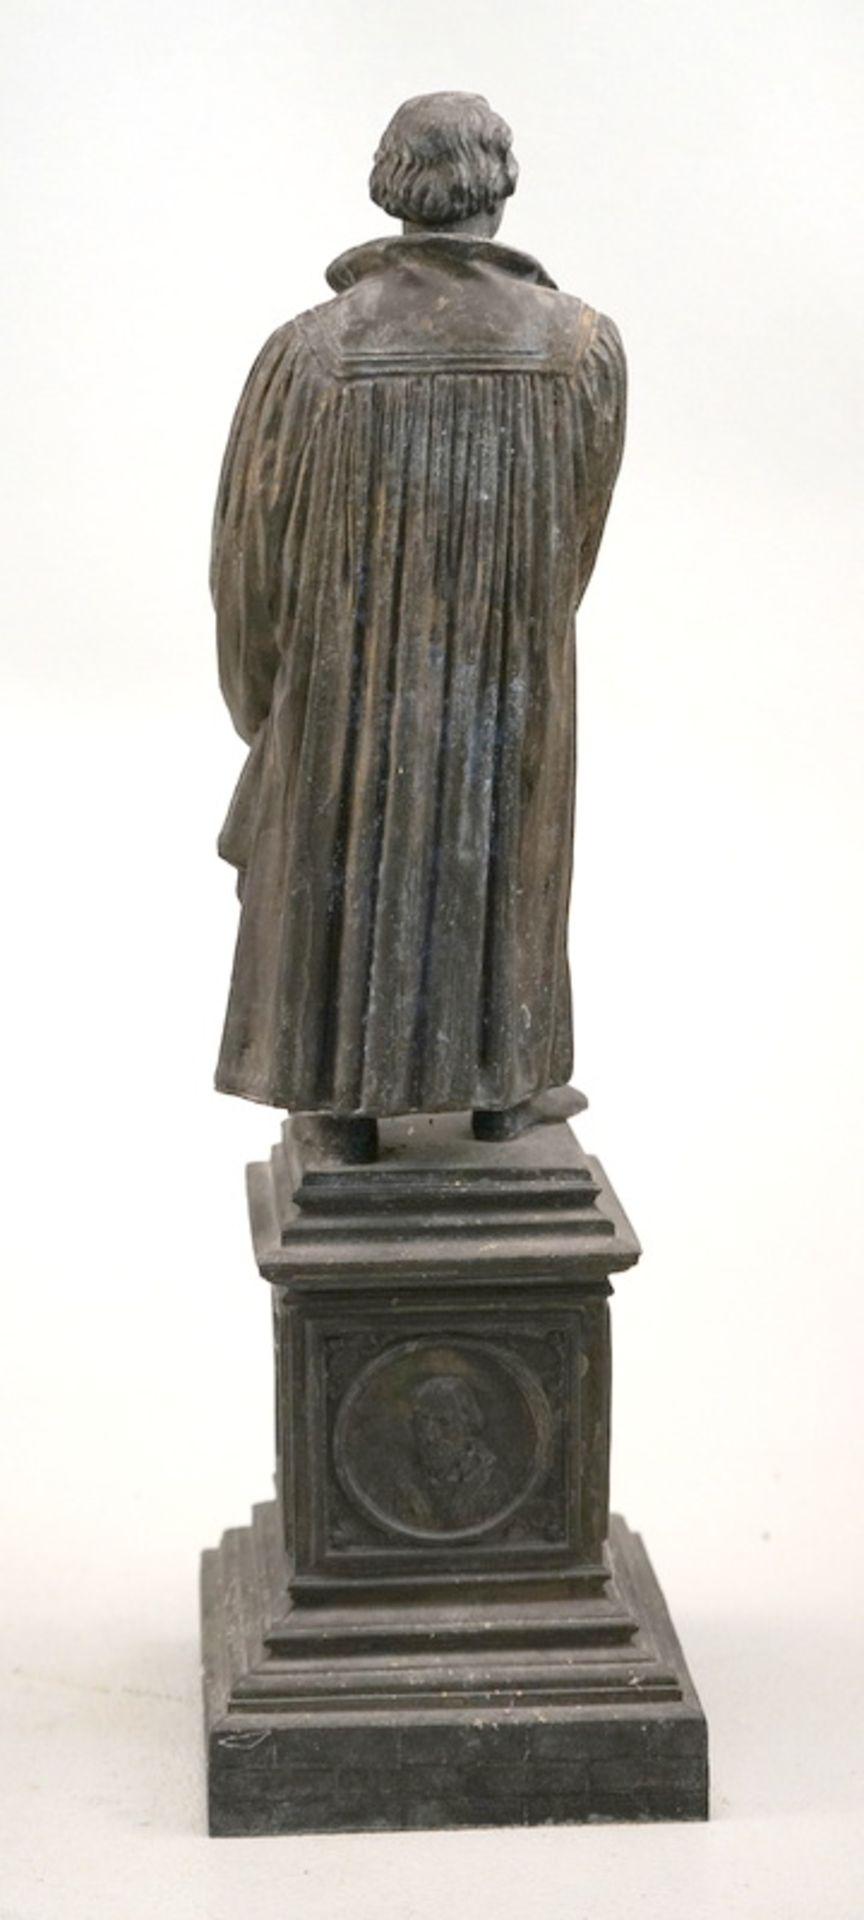 Martin Luther Skulptur nach dem Denkmal von E. Rietschel in Worms - Image 2 of 2